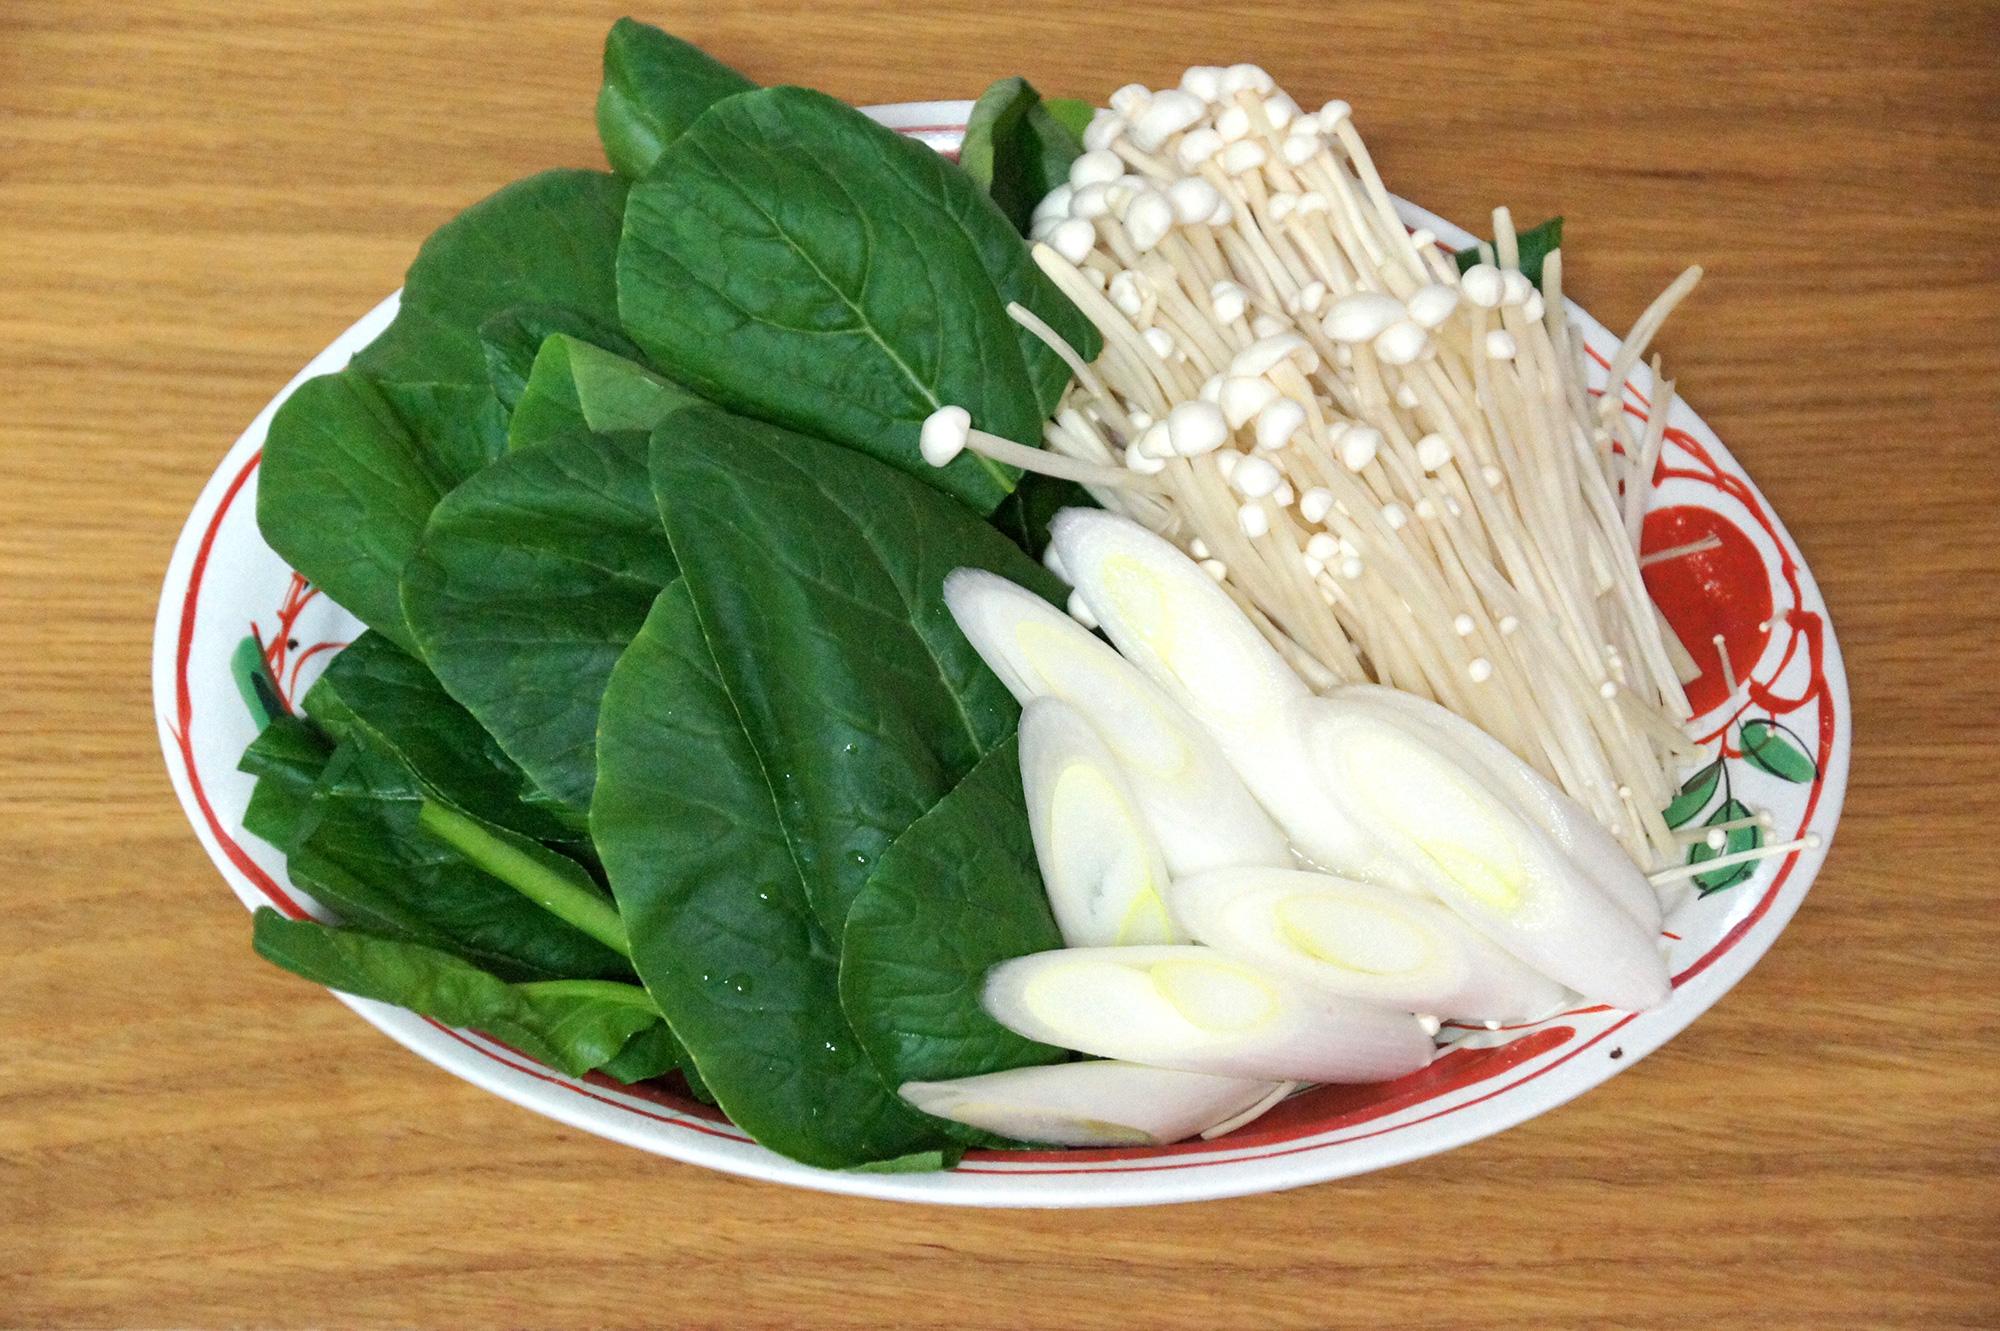 しゃぶしゃぶの野菜の写真のフリー素材